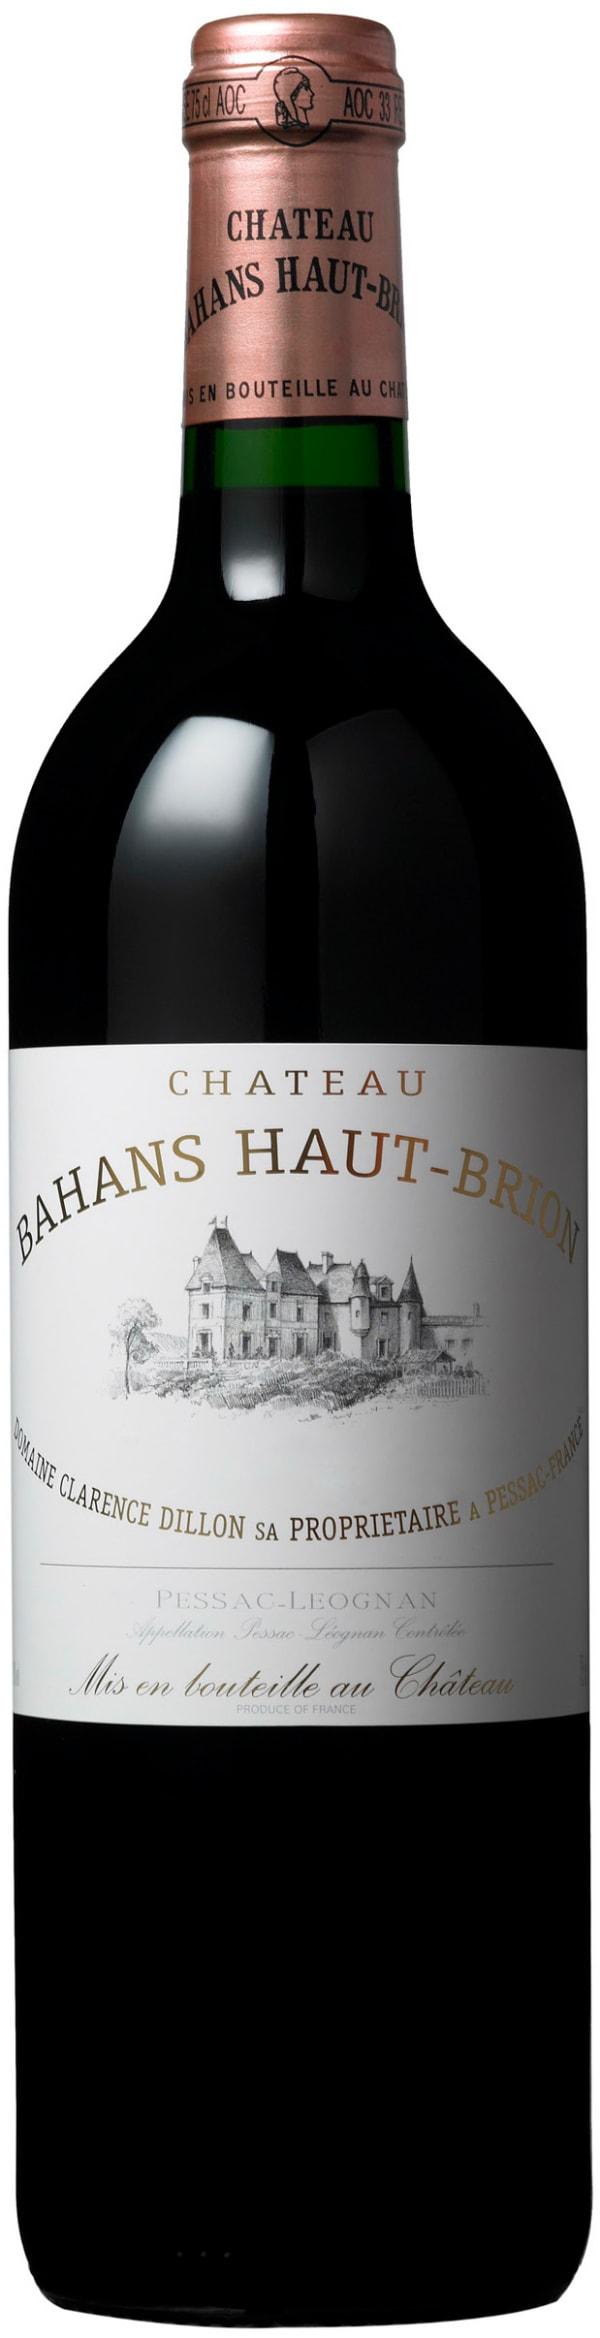 Château Bahans Haut-Brion 1998